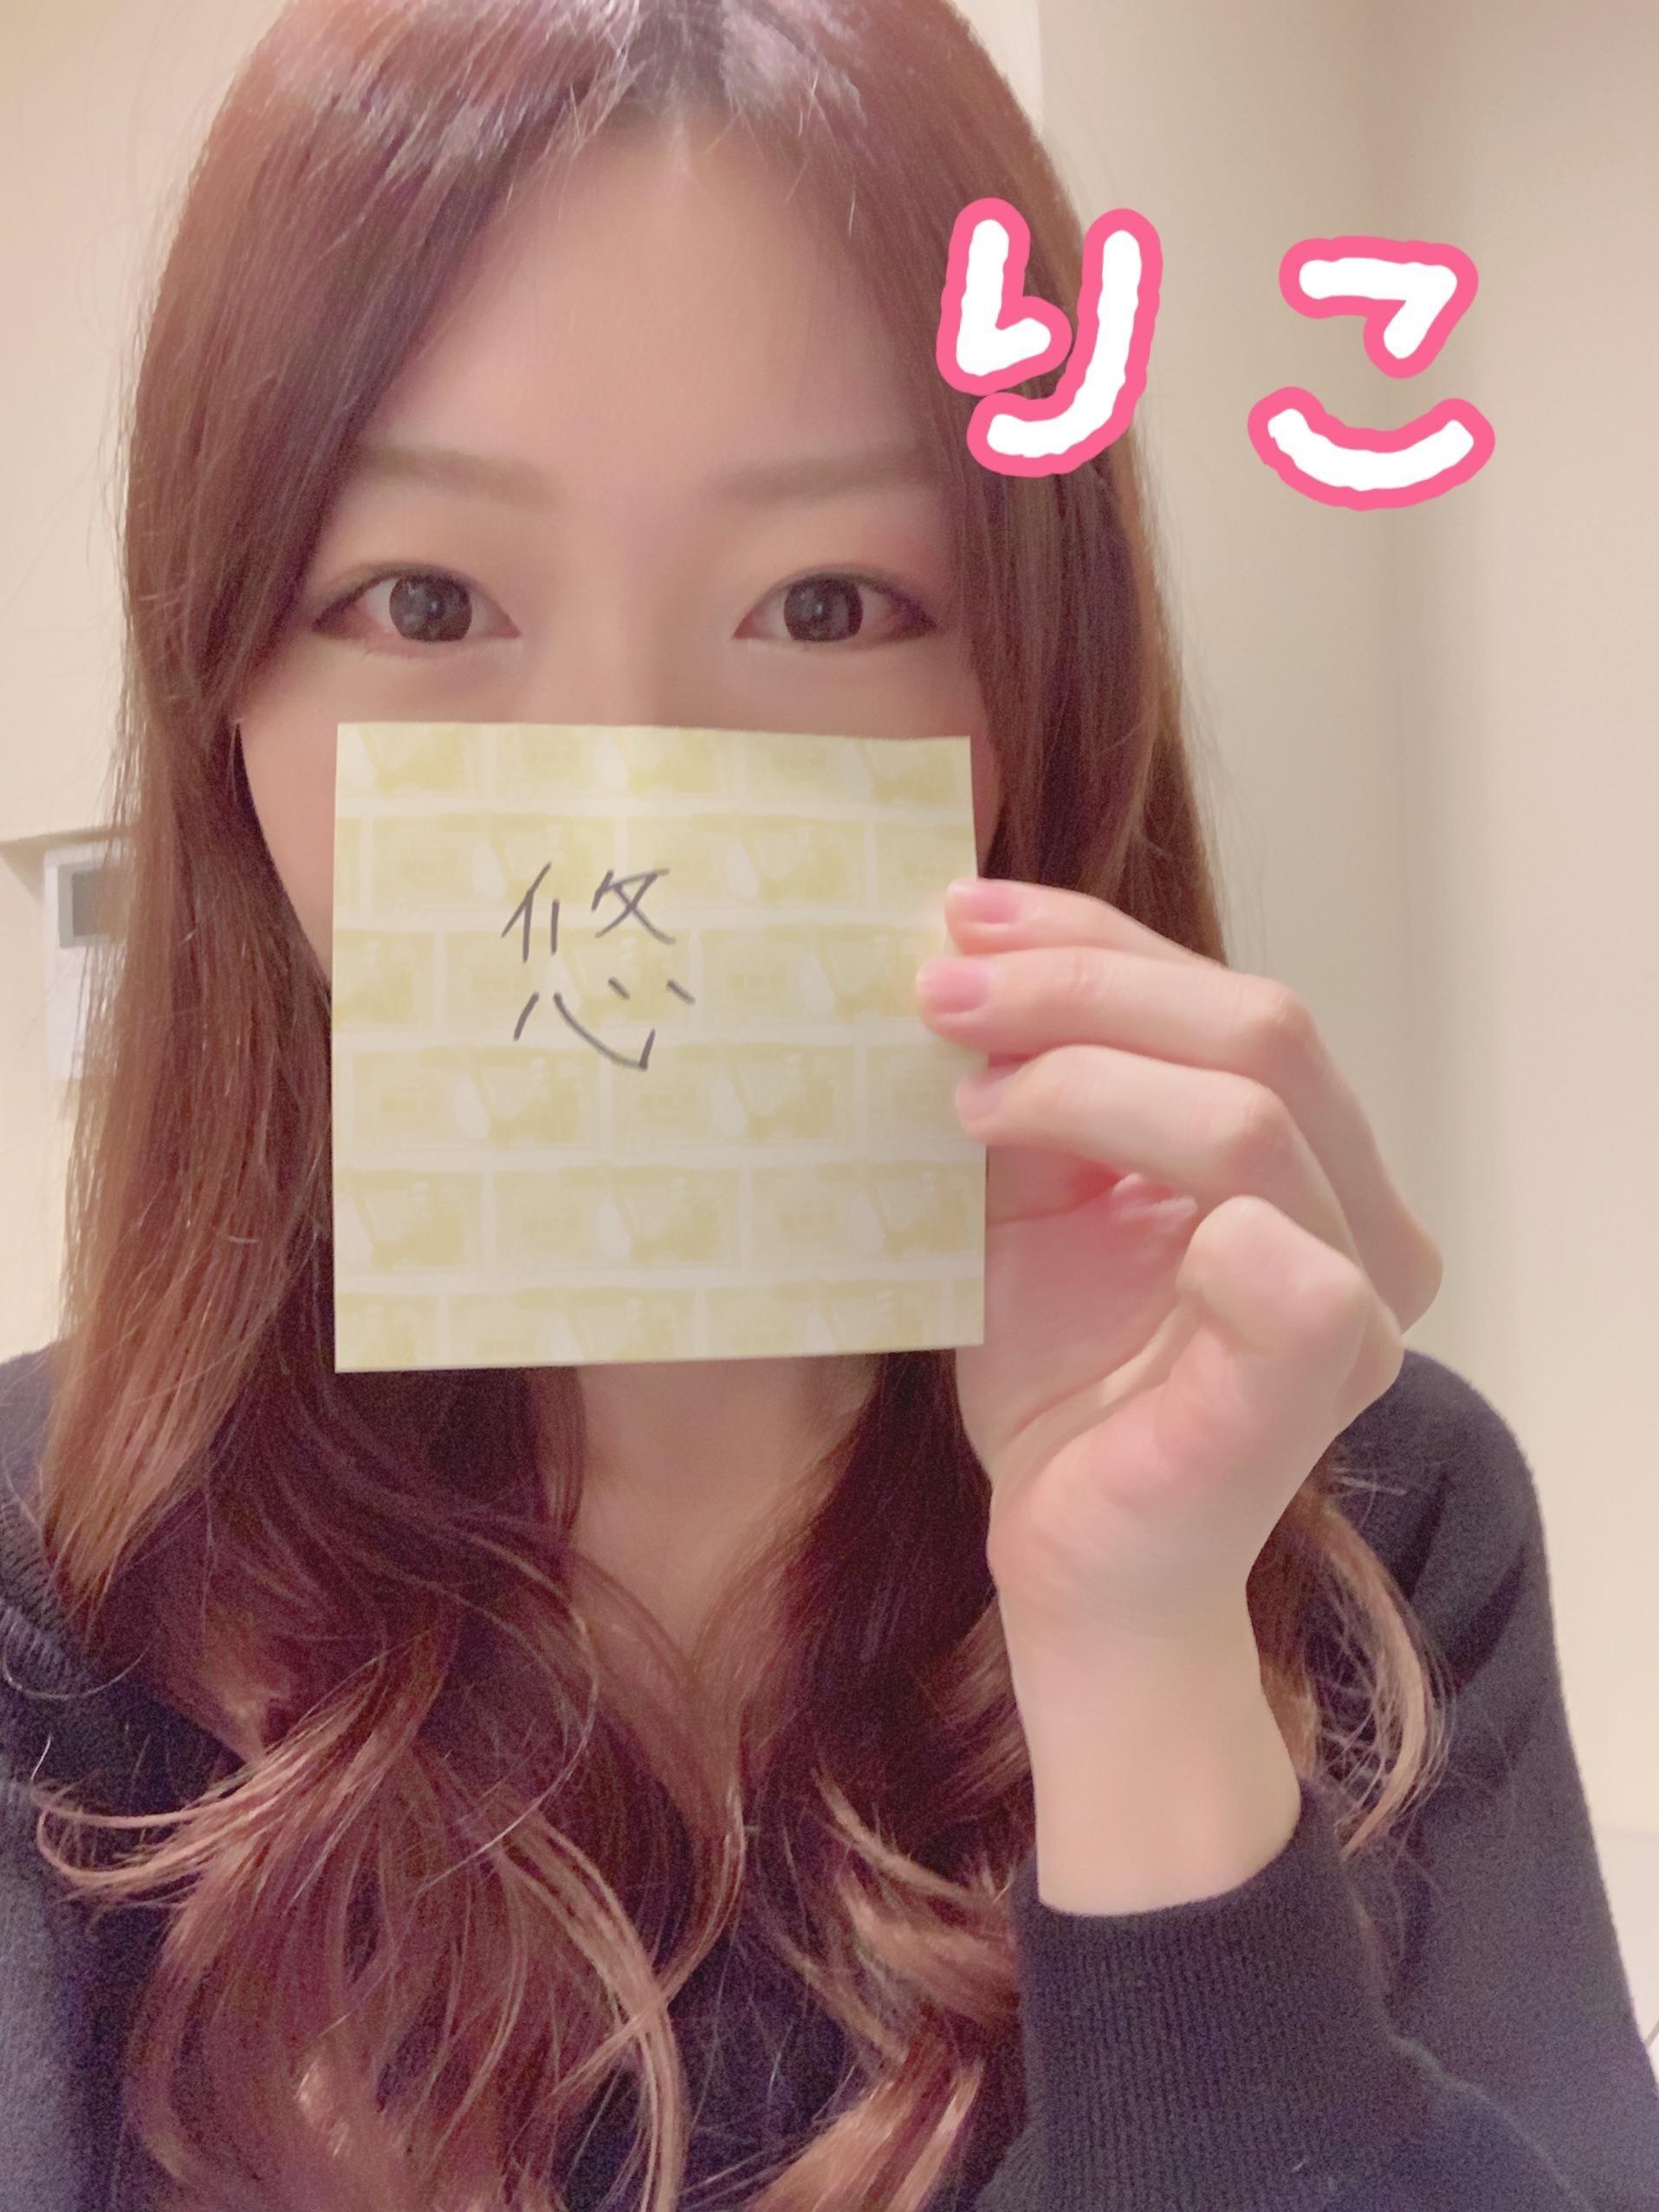 「今年の漢字決まった」12/13日(木) 18:58 | りこの写メ・風俗動画